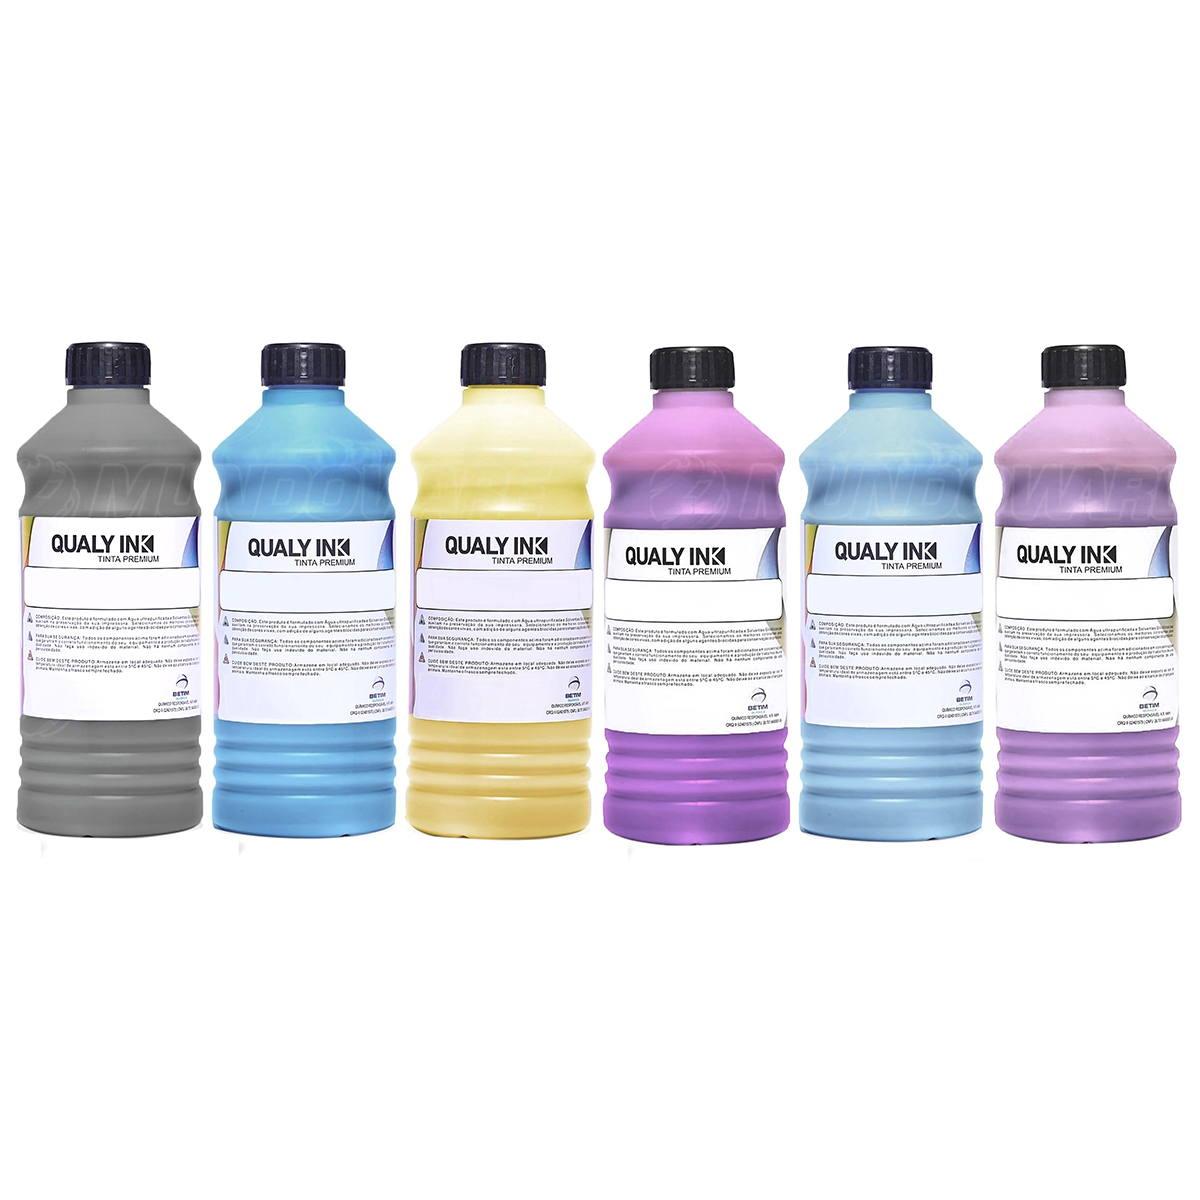 Compatível: Kit 6 Cores Tinta Pigmentada Qualy-Ink Série 673 para Epson L800 L805 L810 L850 L1800 CMYK 6 de 1L